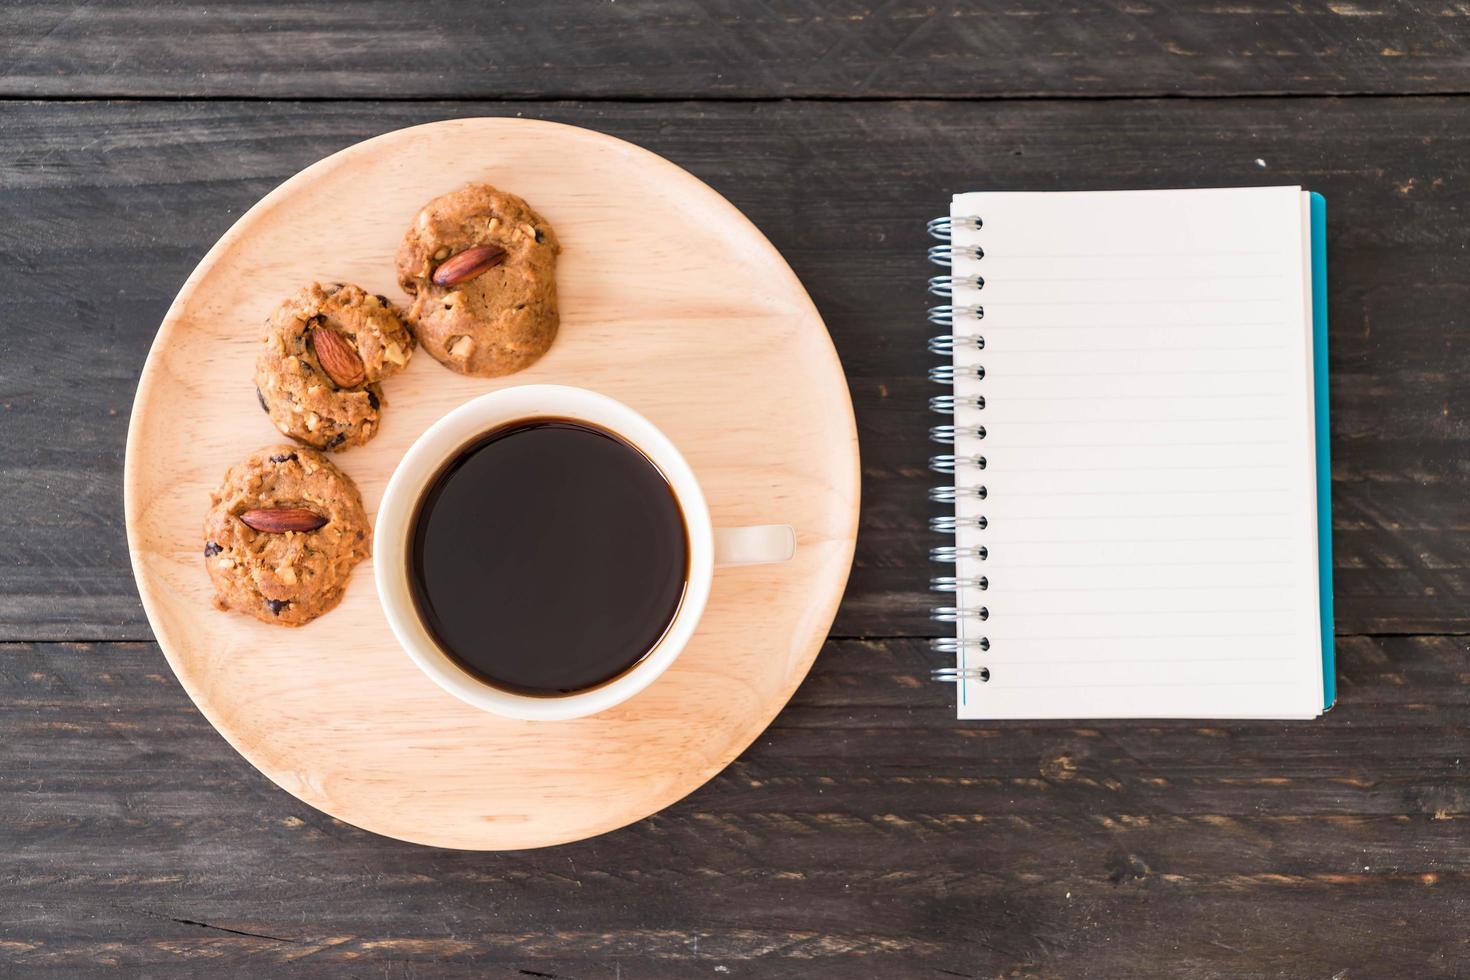 vue de dessus du café et des biscuits avec un ordinateur portable photo